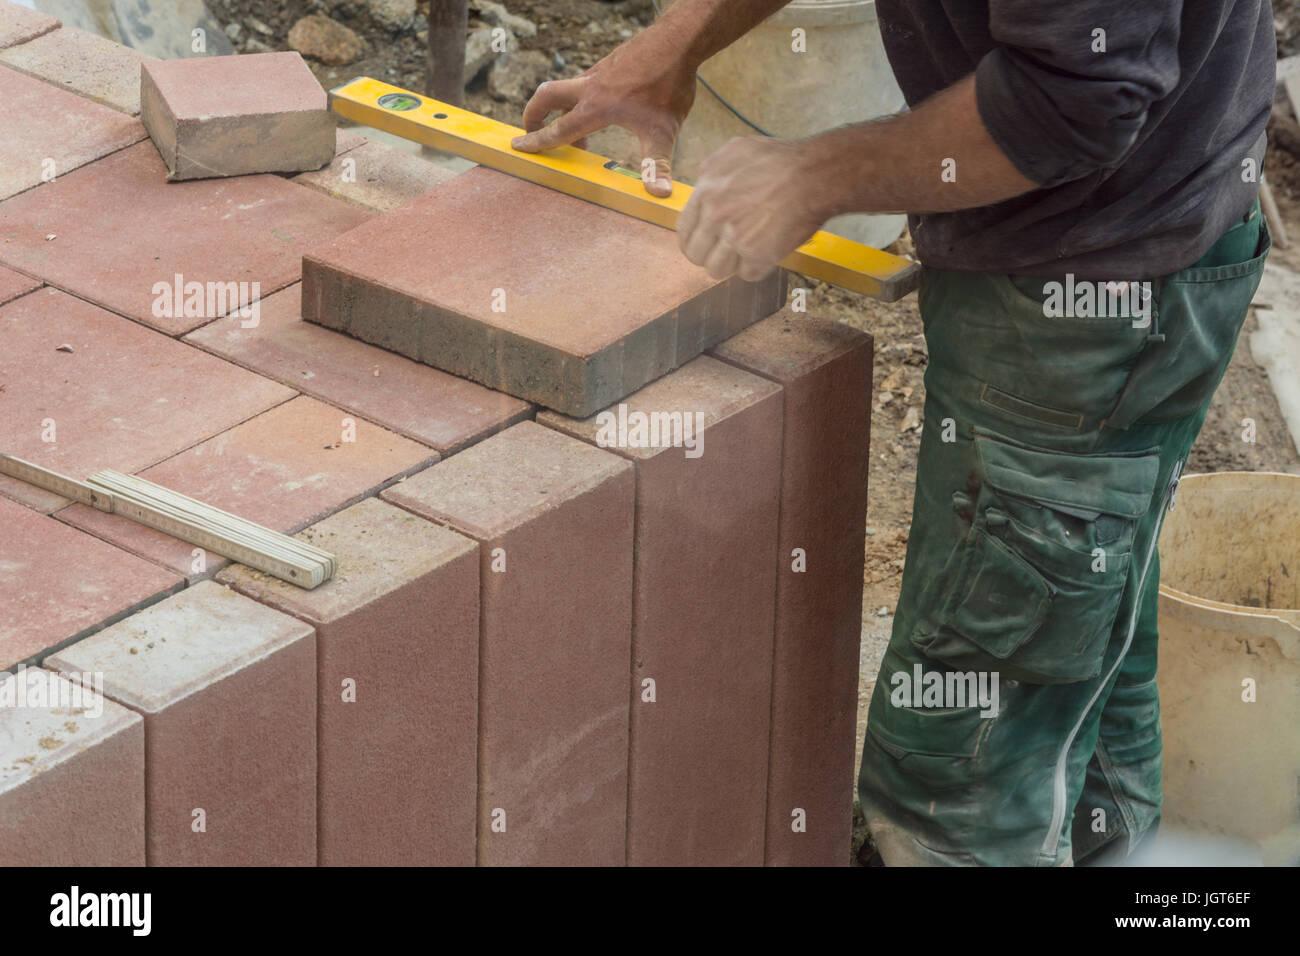 mann schneiden steinplatten, betonplatte mit einer elektrischen